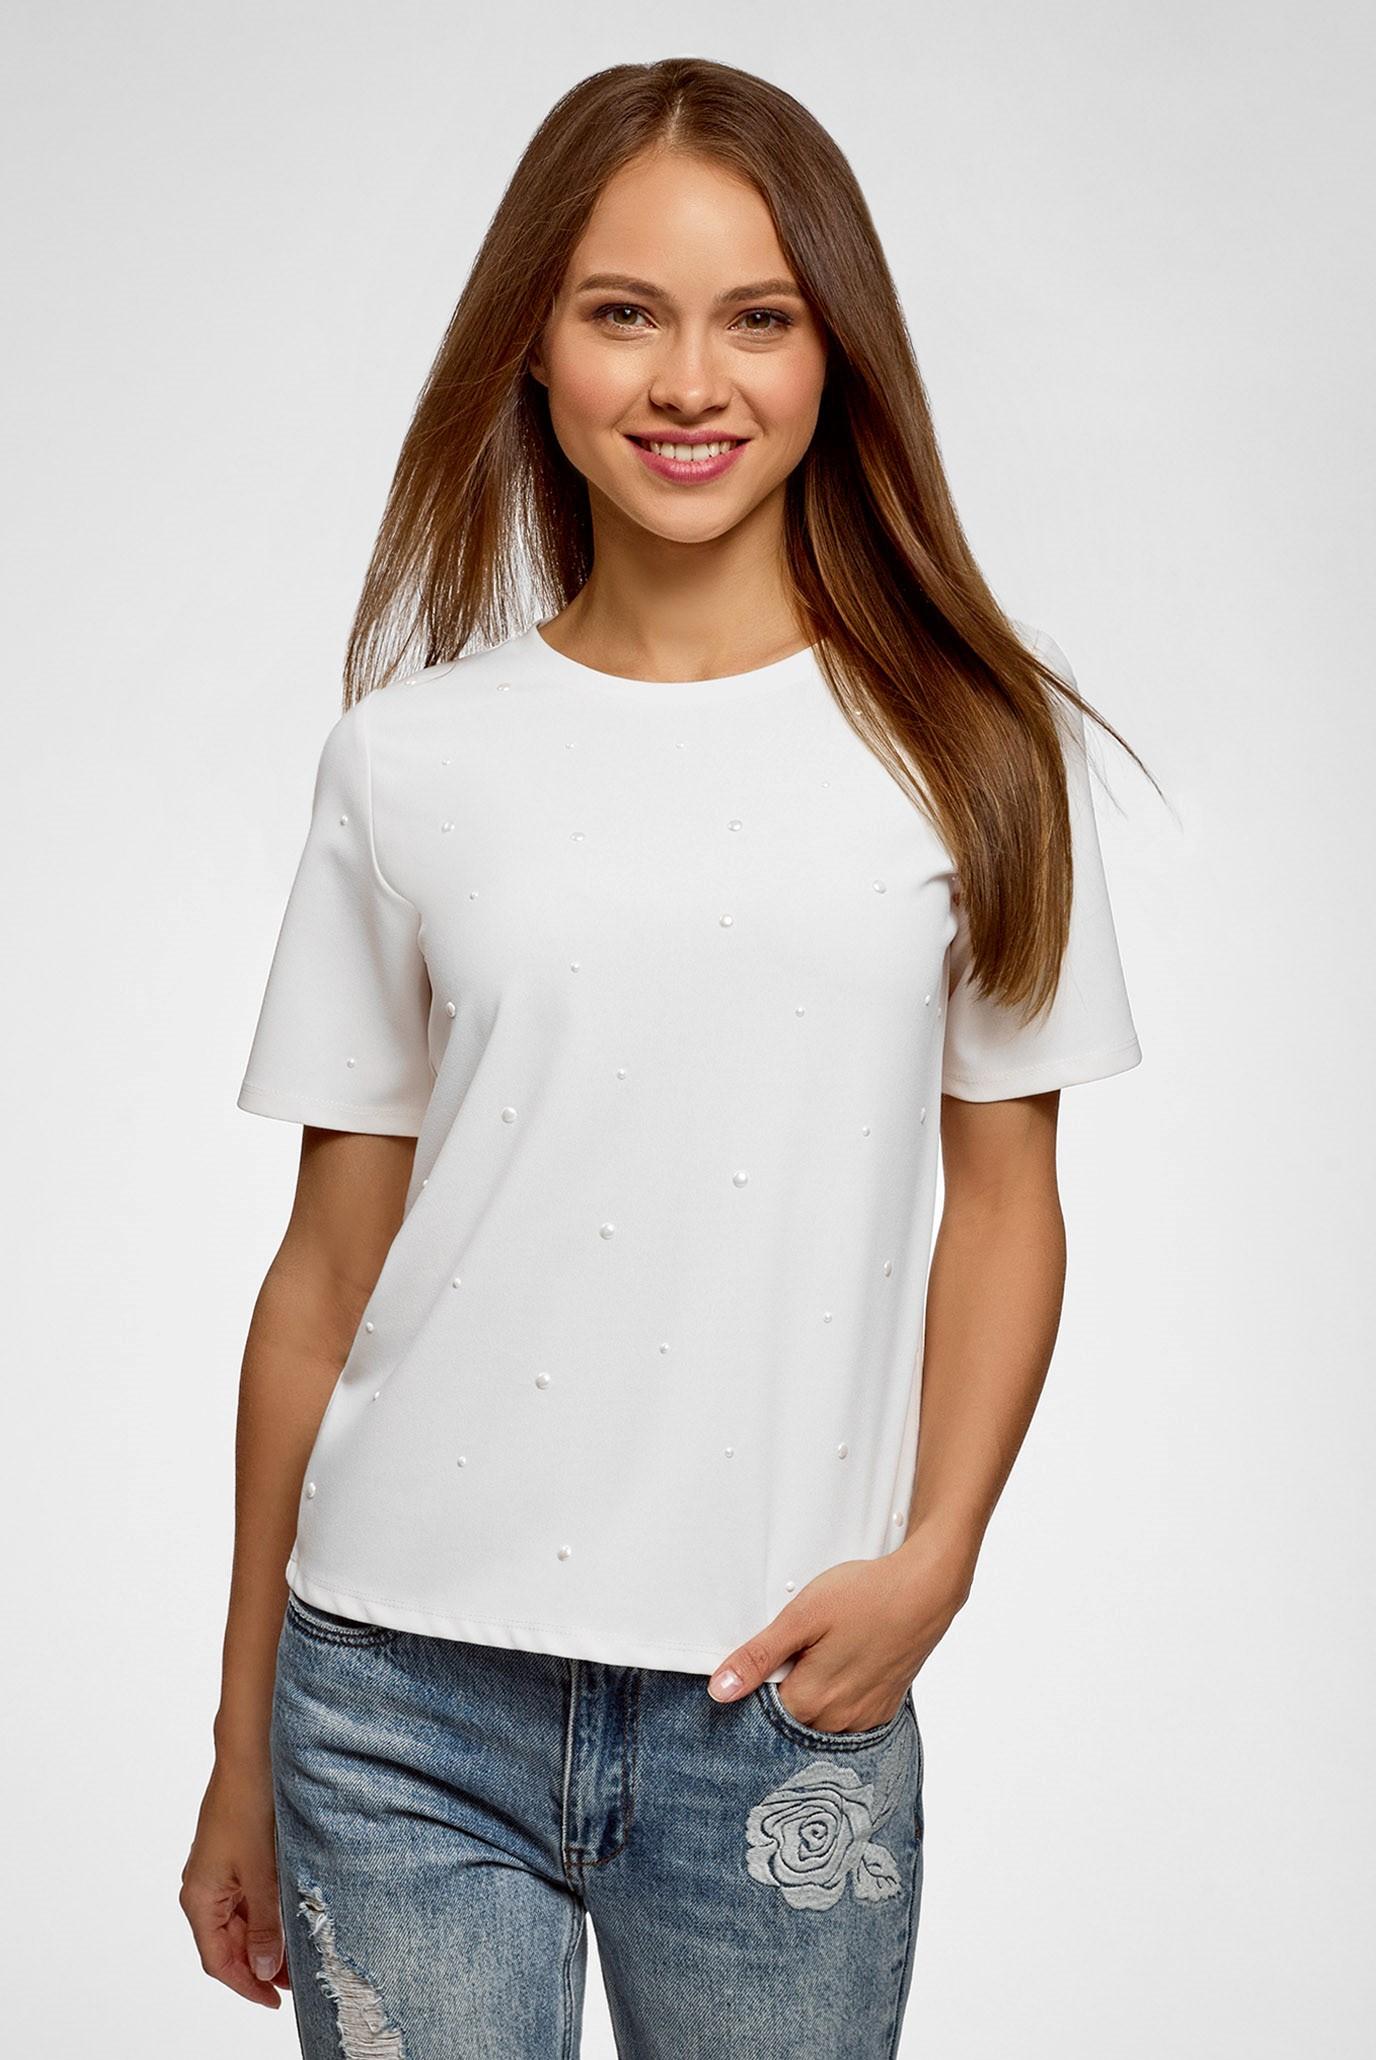 Как выбрать белую футболку по типу тела